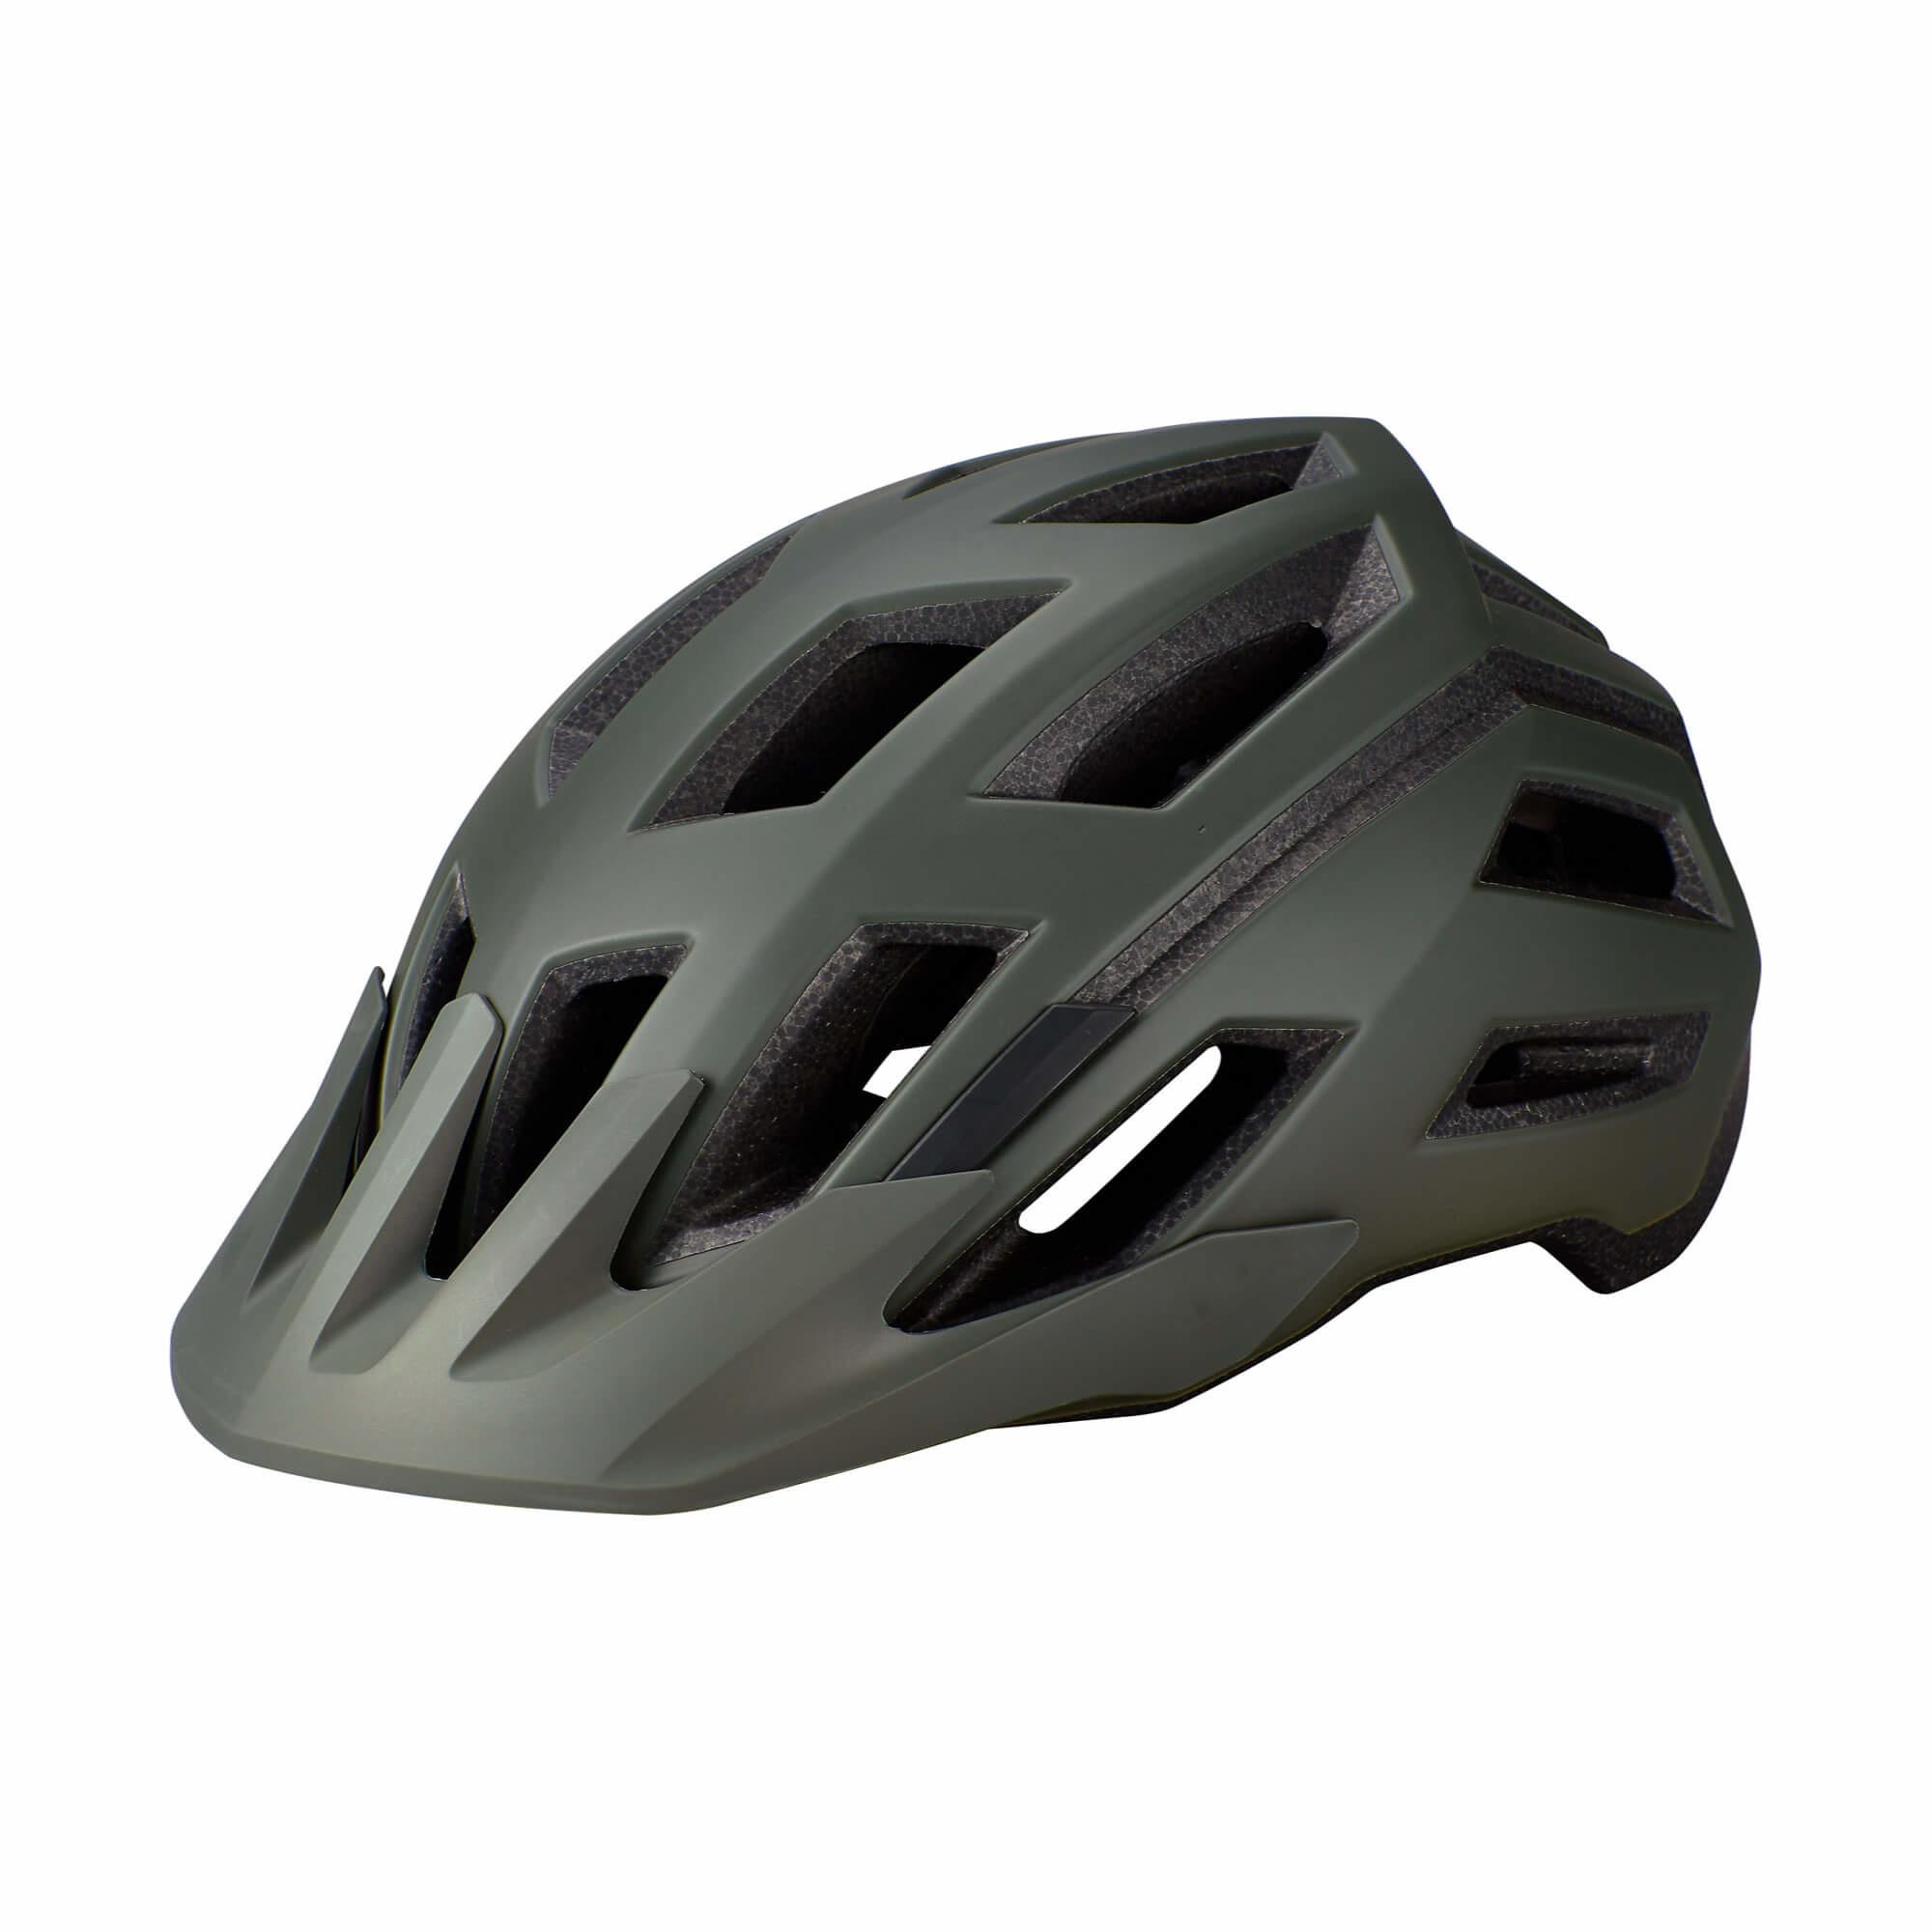 Tactic 3 Helmet Mips-11